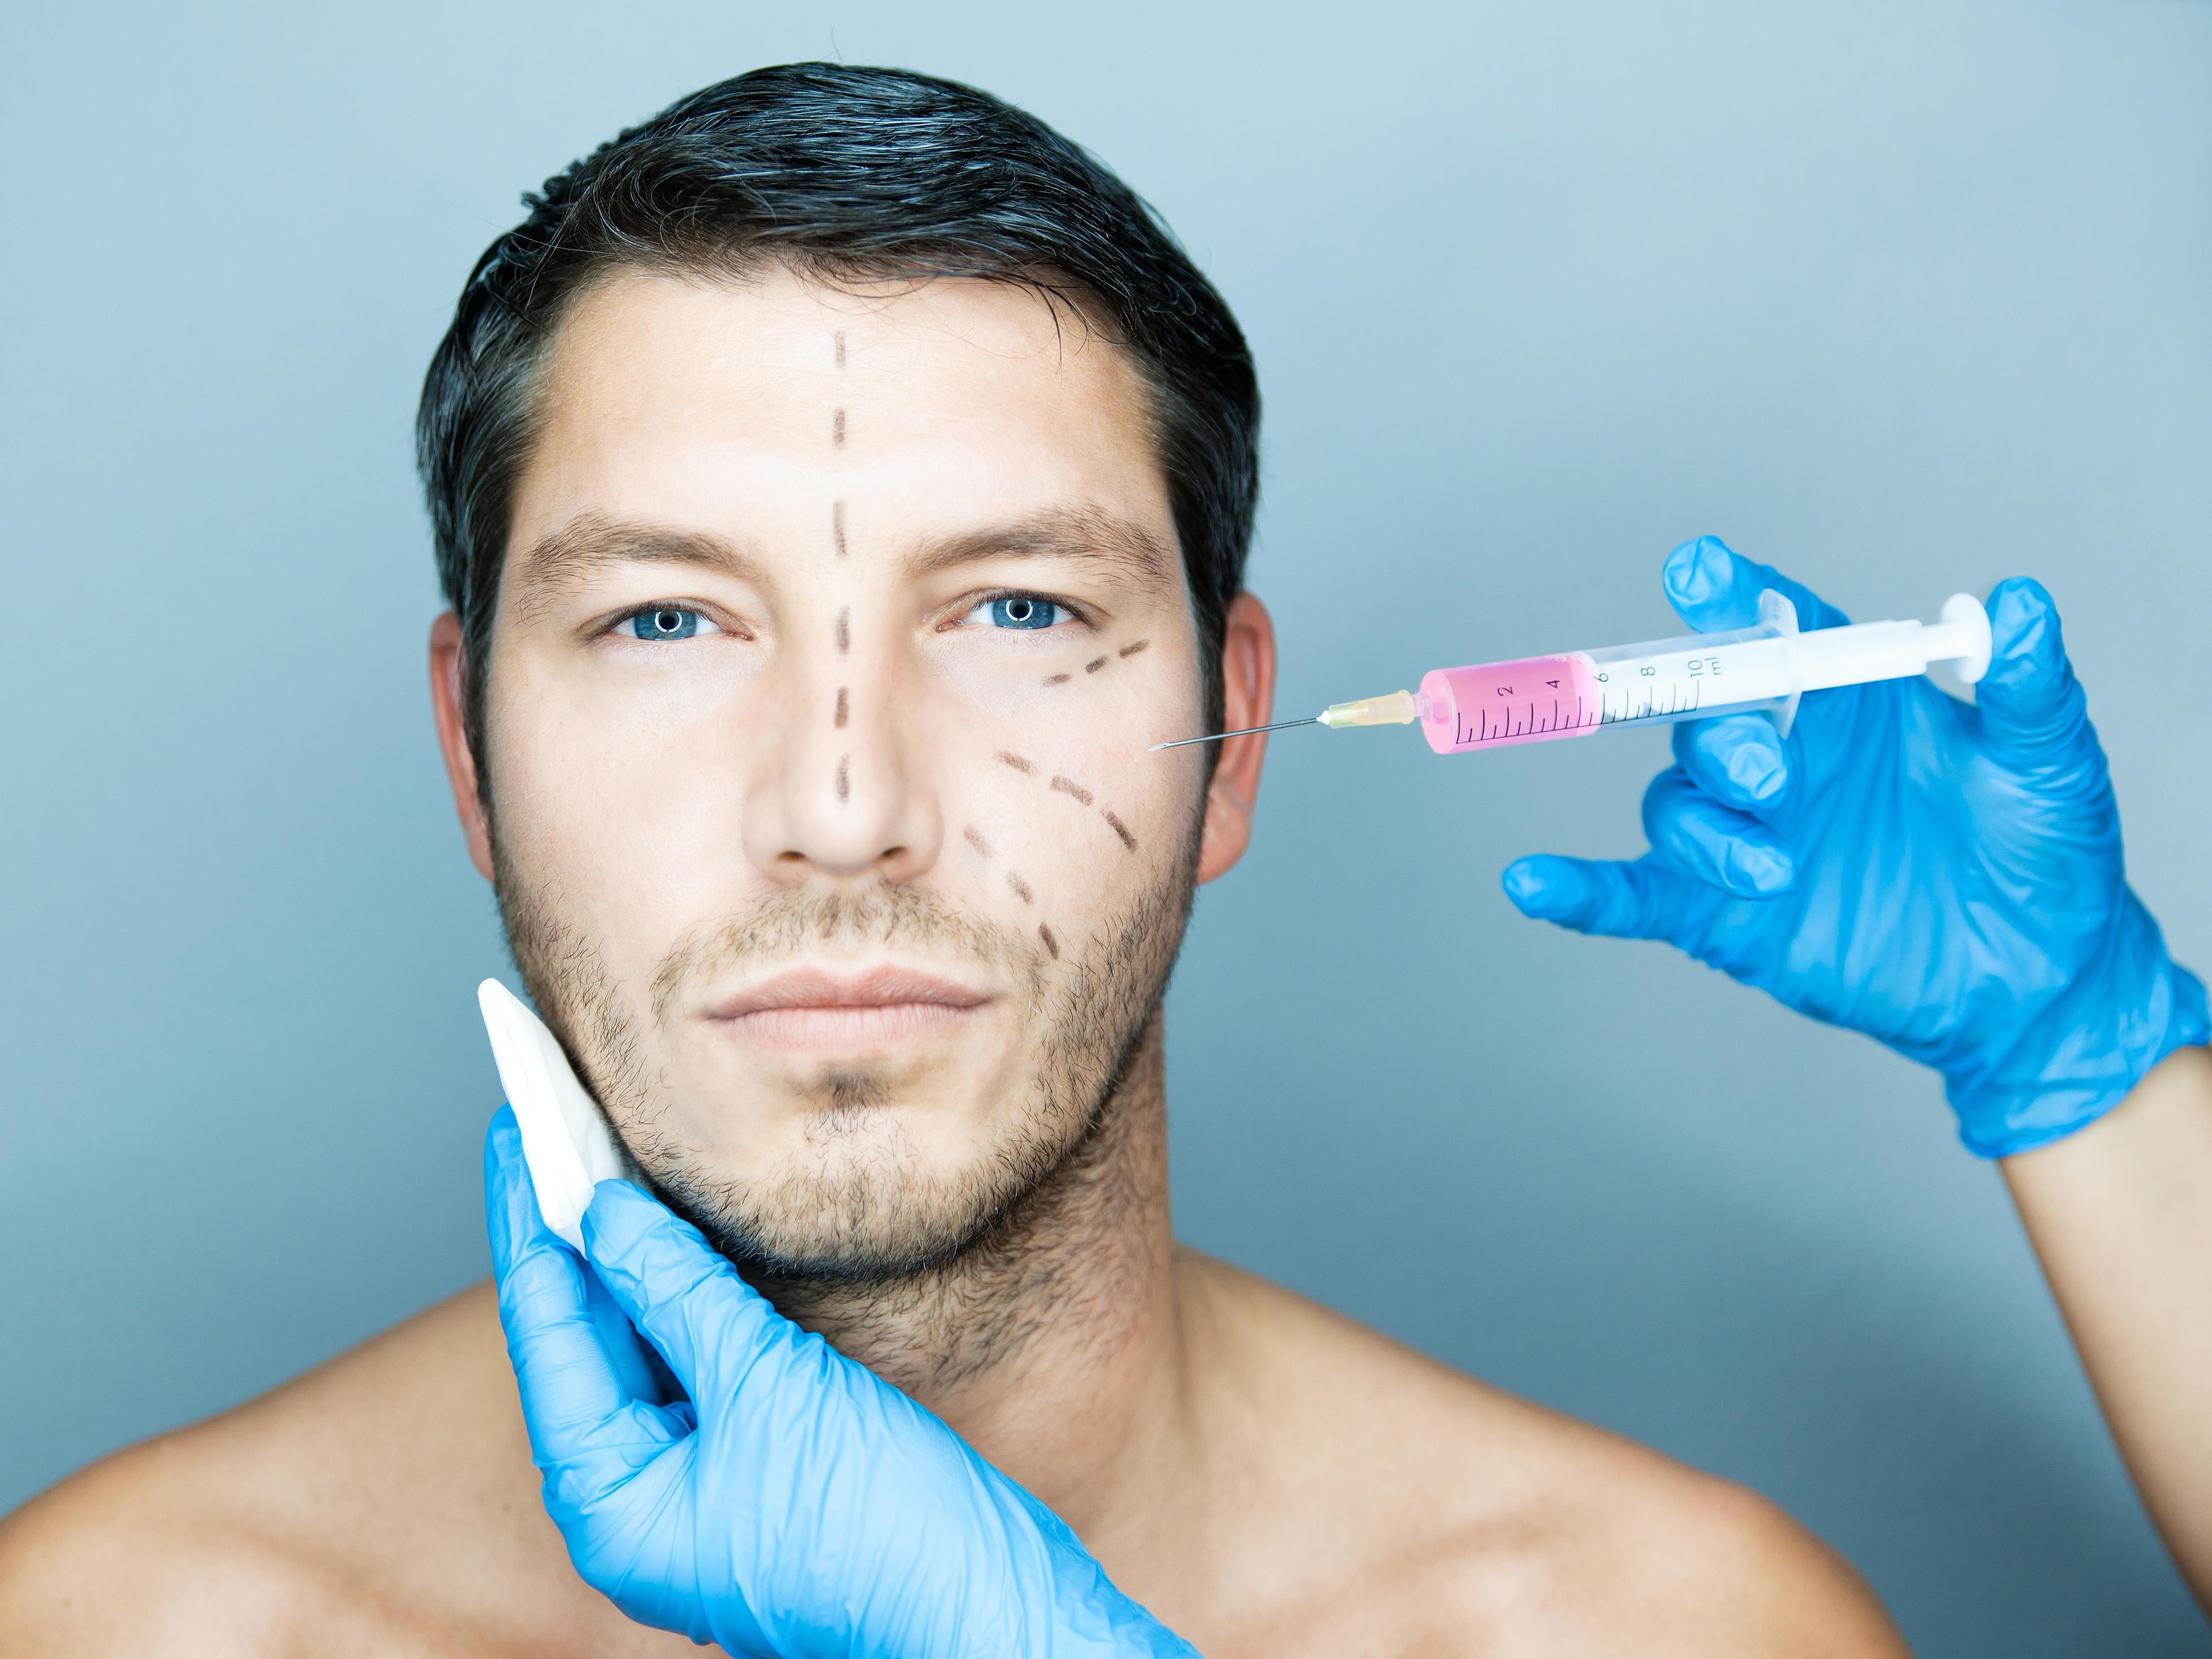 Les actes de chirurgie esthétique sont-ils bien remboursés?